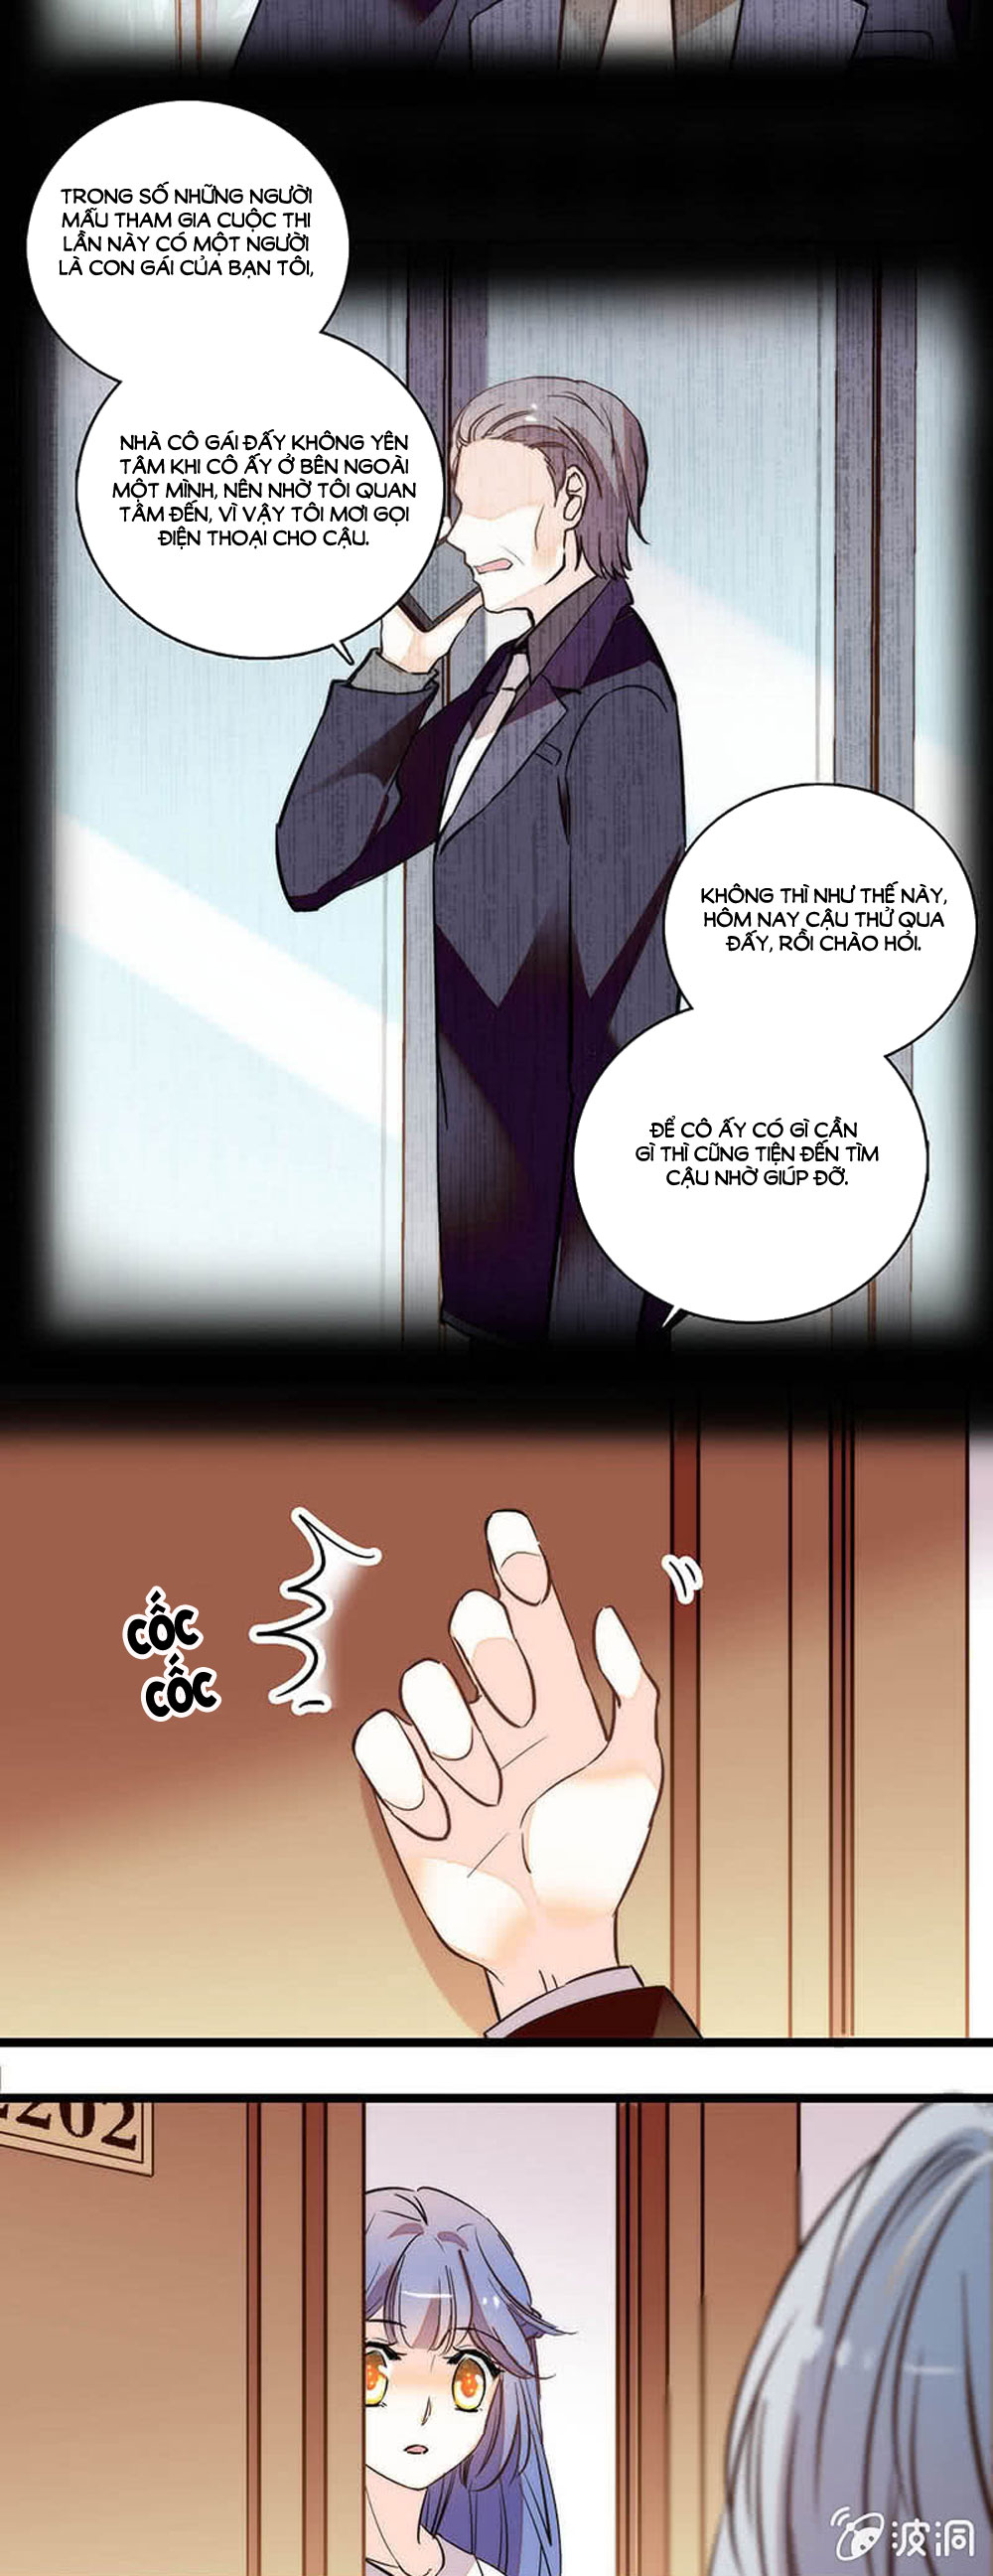 Tịch Nhan Hoa Nở Chỉ Vì Em chap 72 - Trang 2